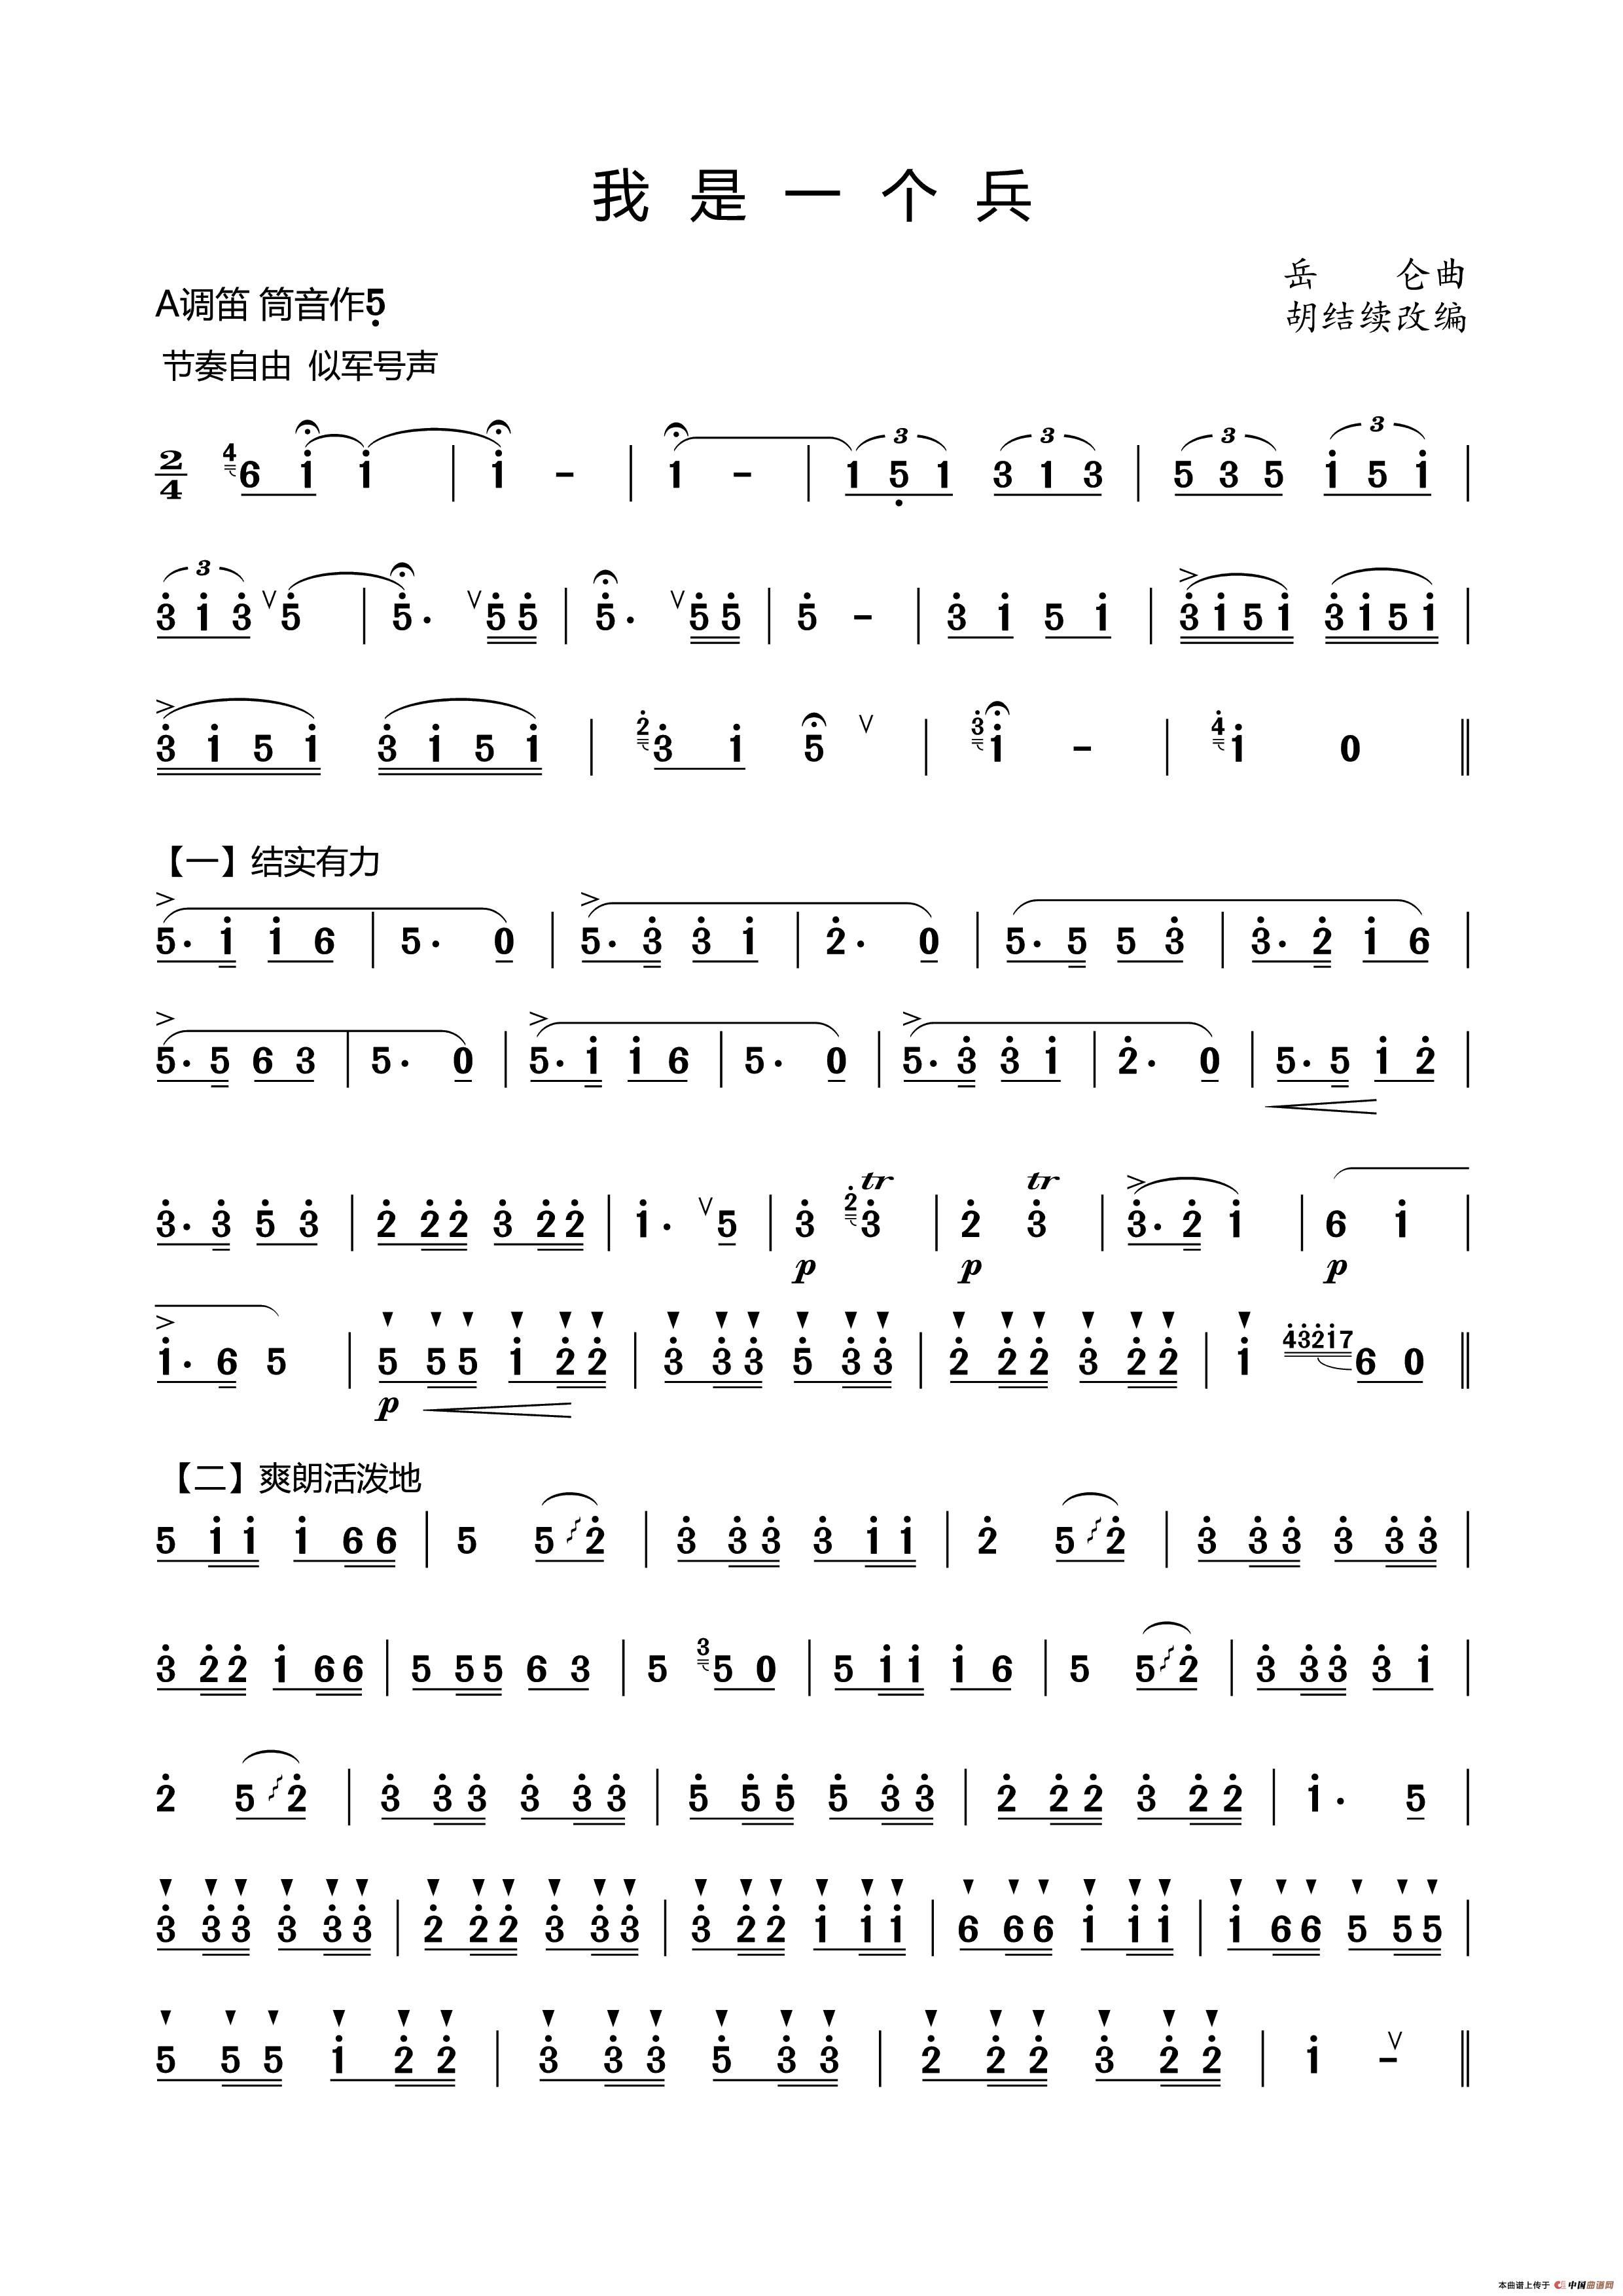 萧颤音曲谱_魔鬼的颤音曲谱